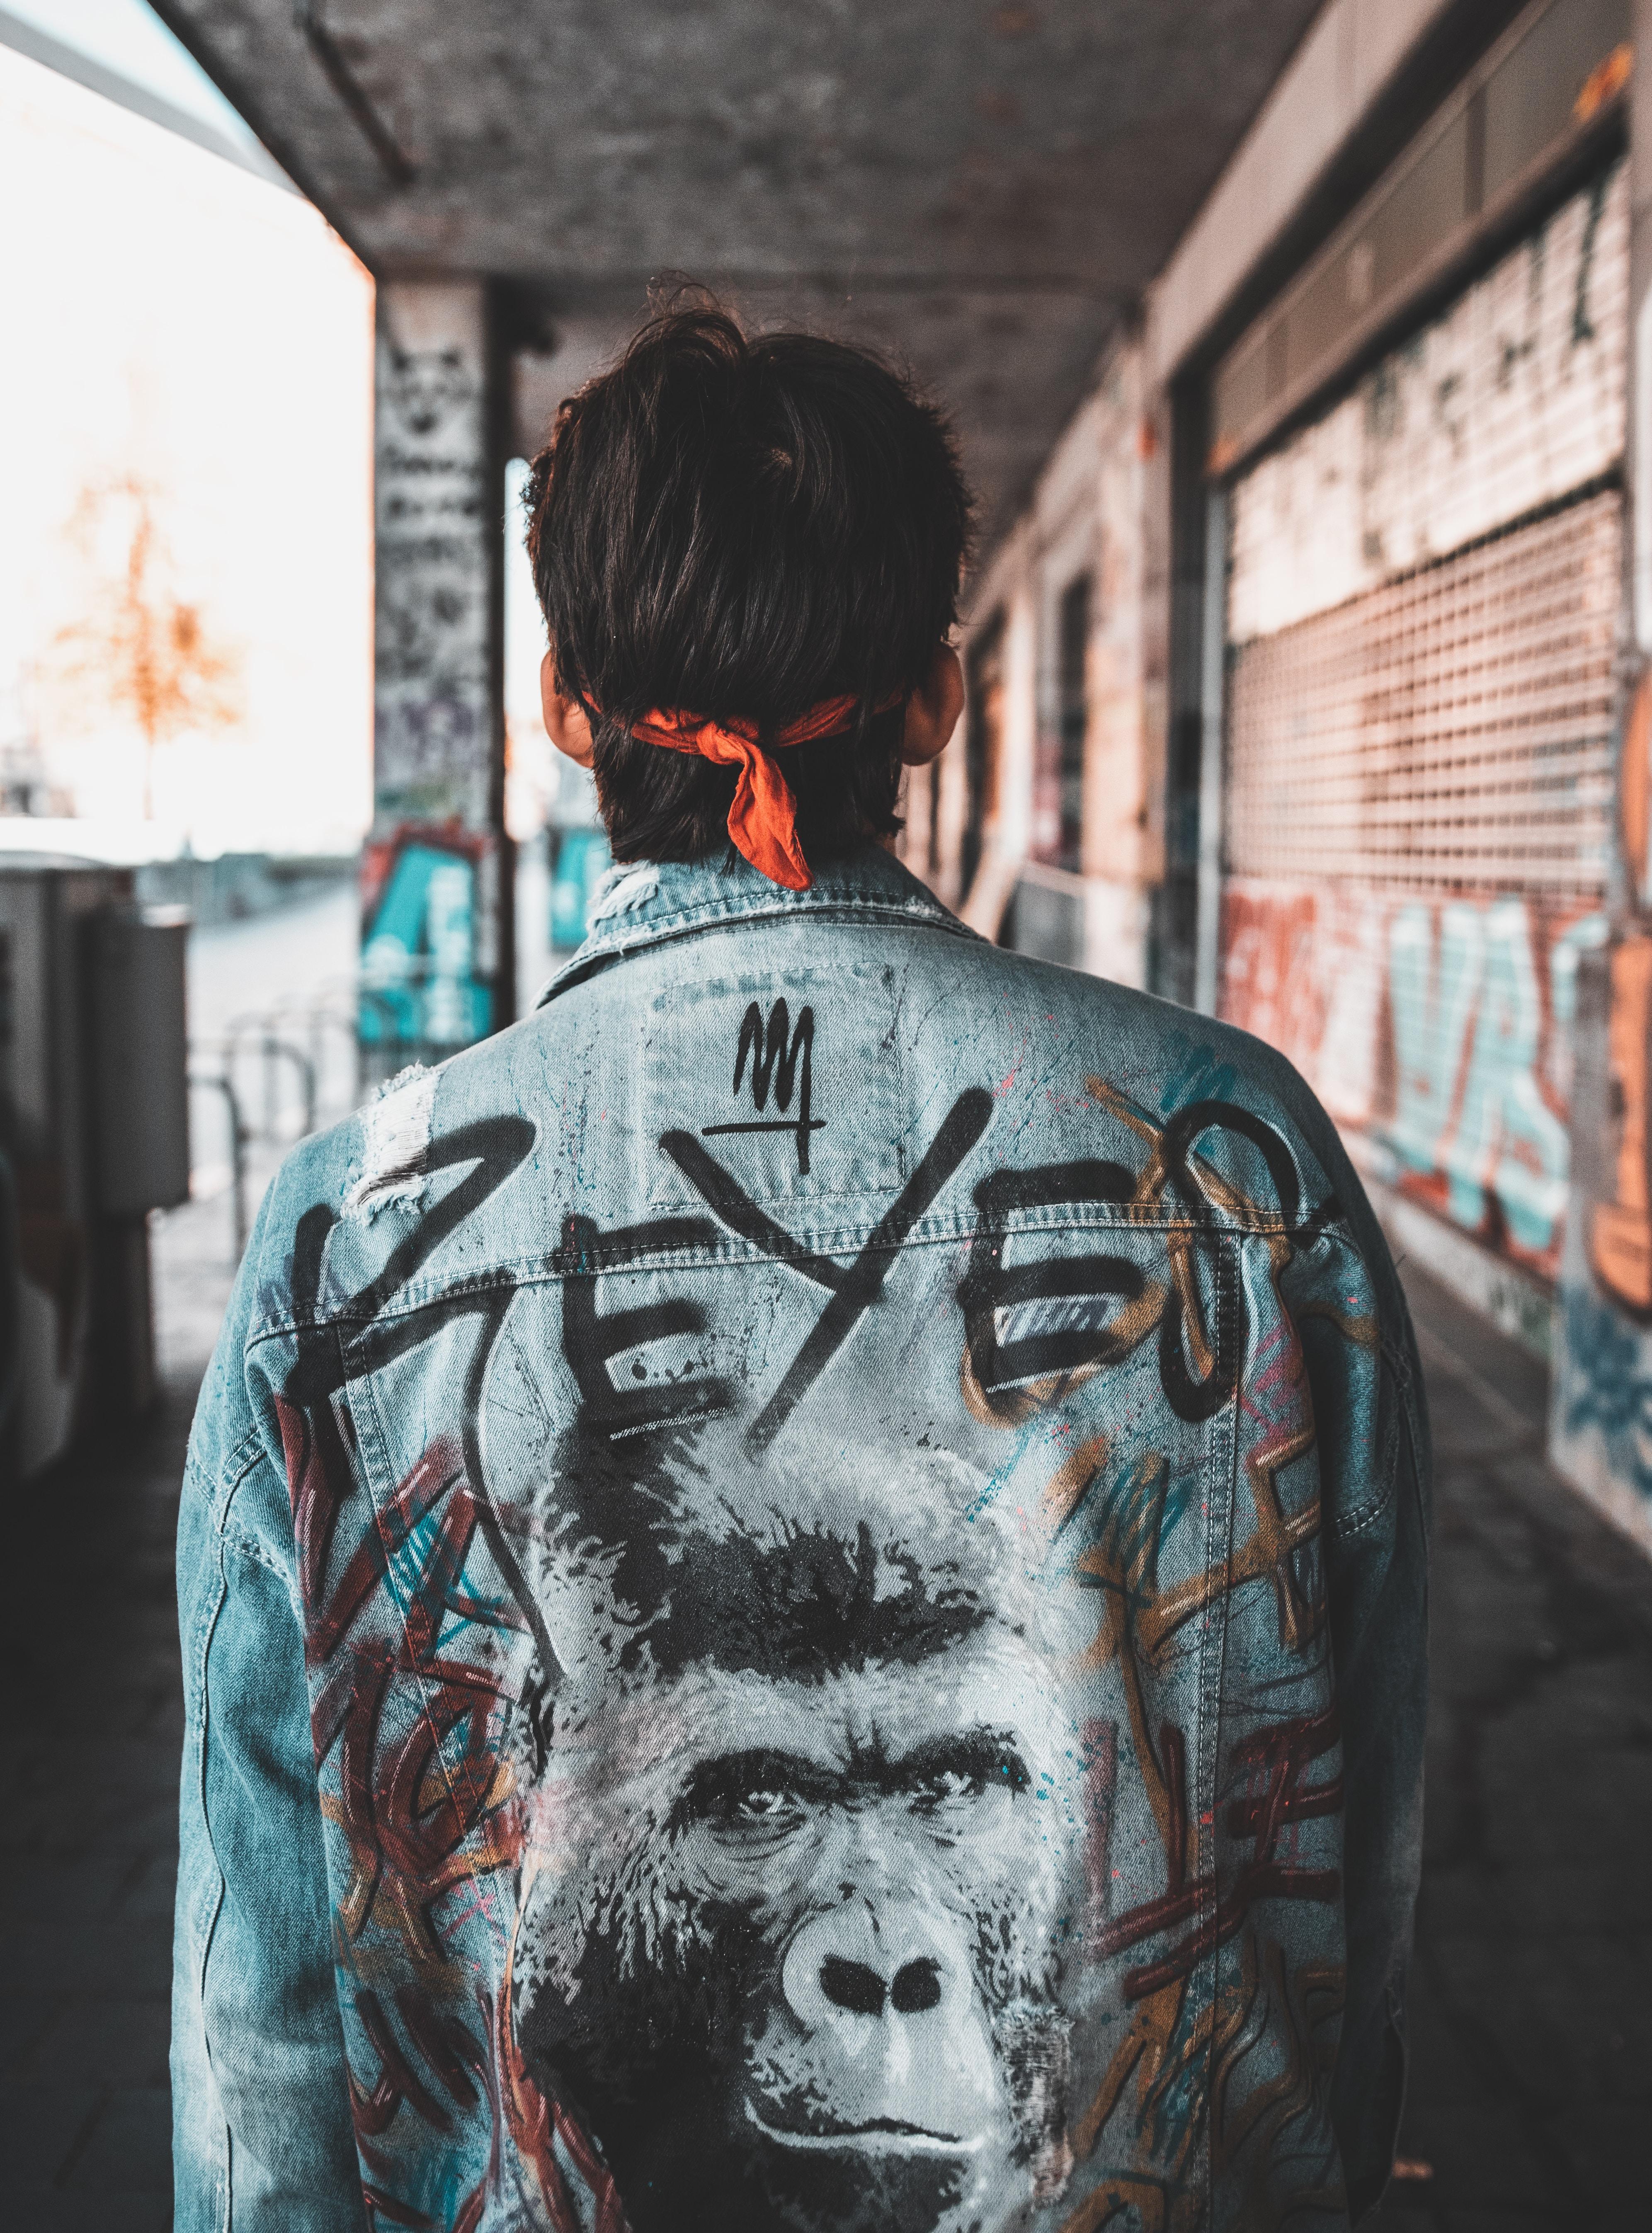 man wearing teal denim jacket